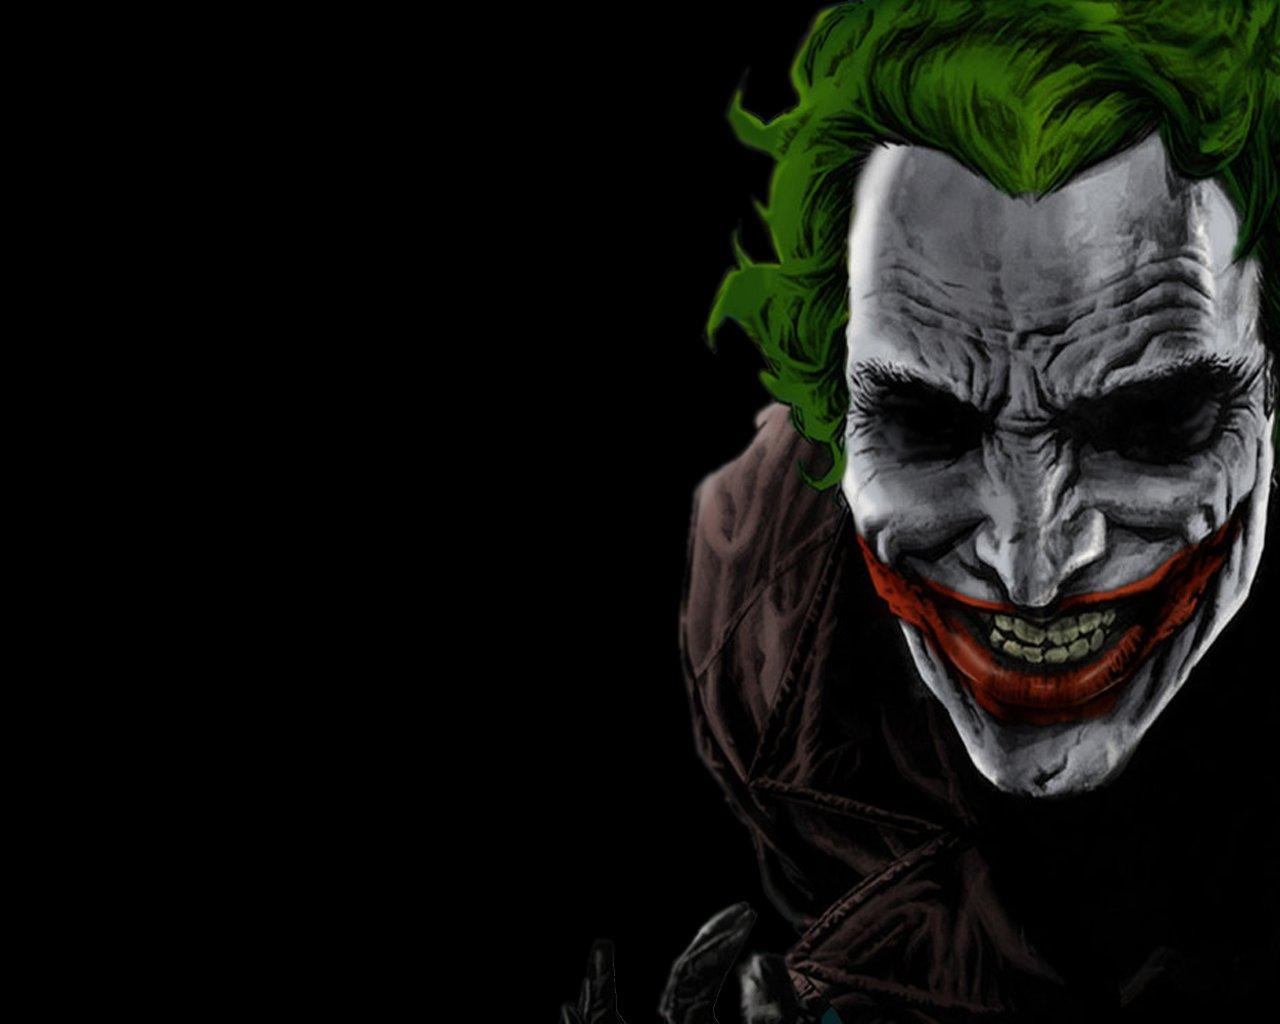 Joker Sfondo animato SoloSfondicom 1280x1024